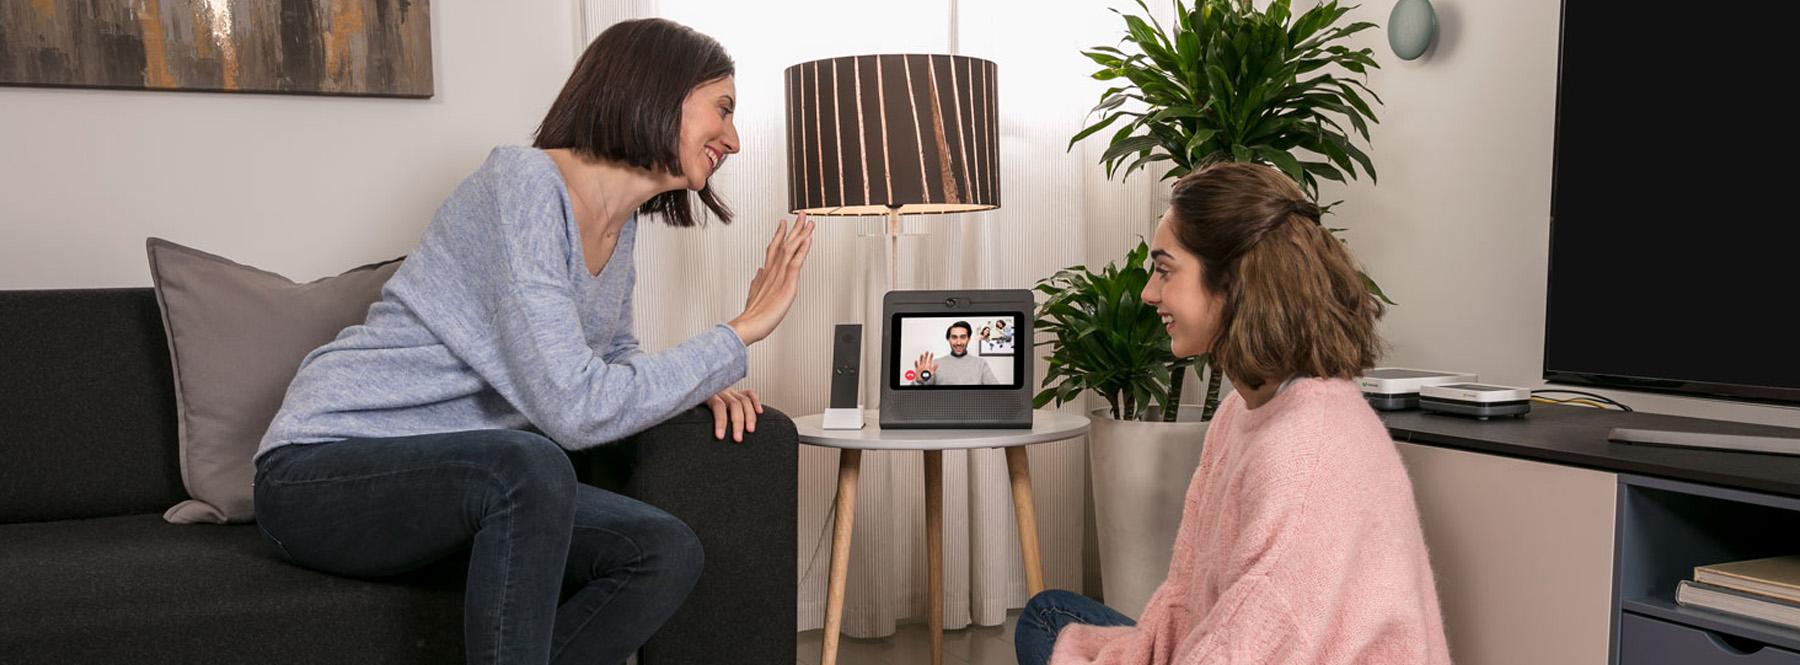 Cómo hacer llamadas y videollamadas con Movistar Home